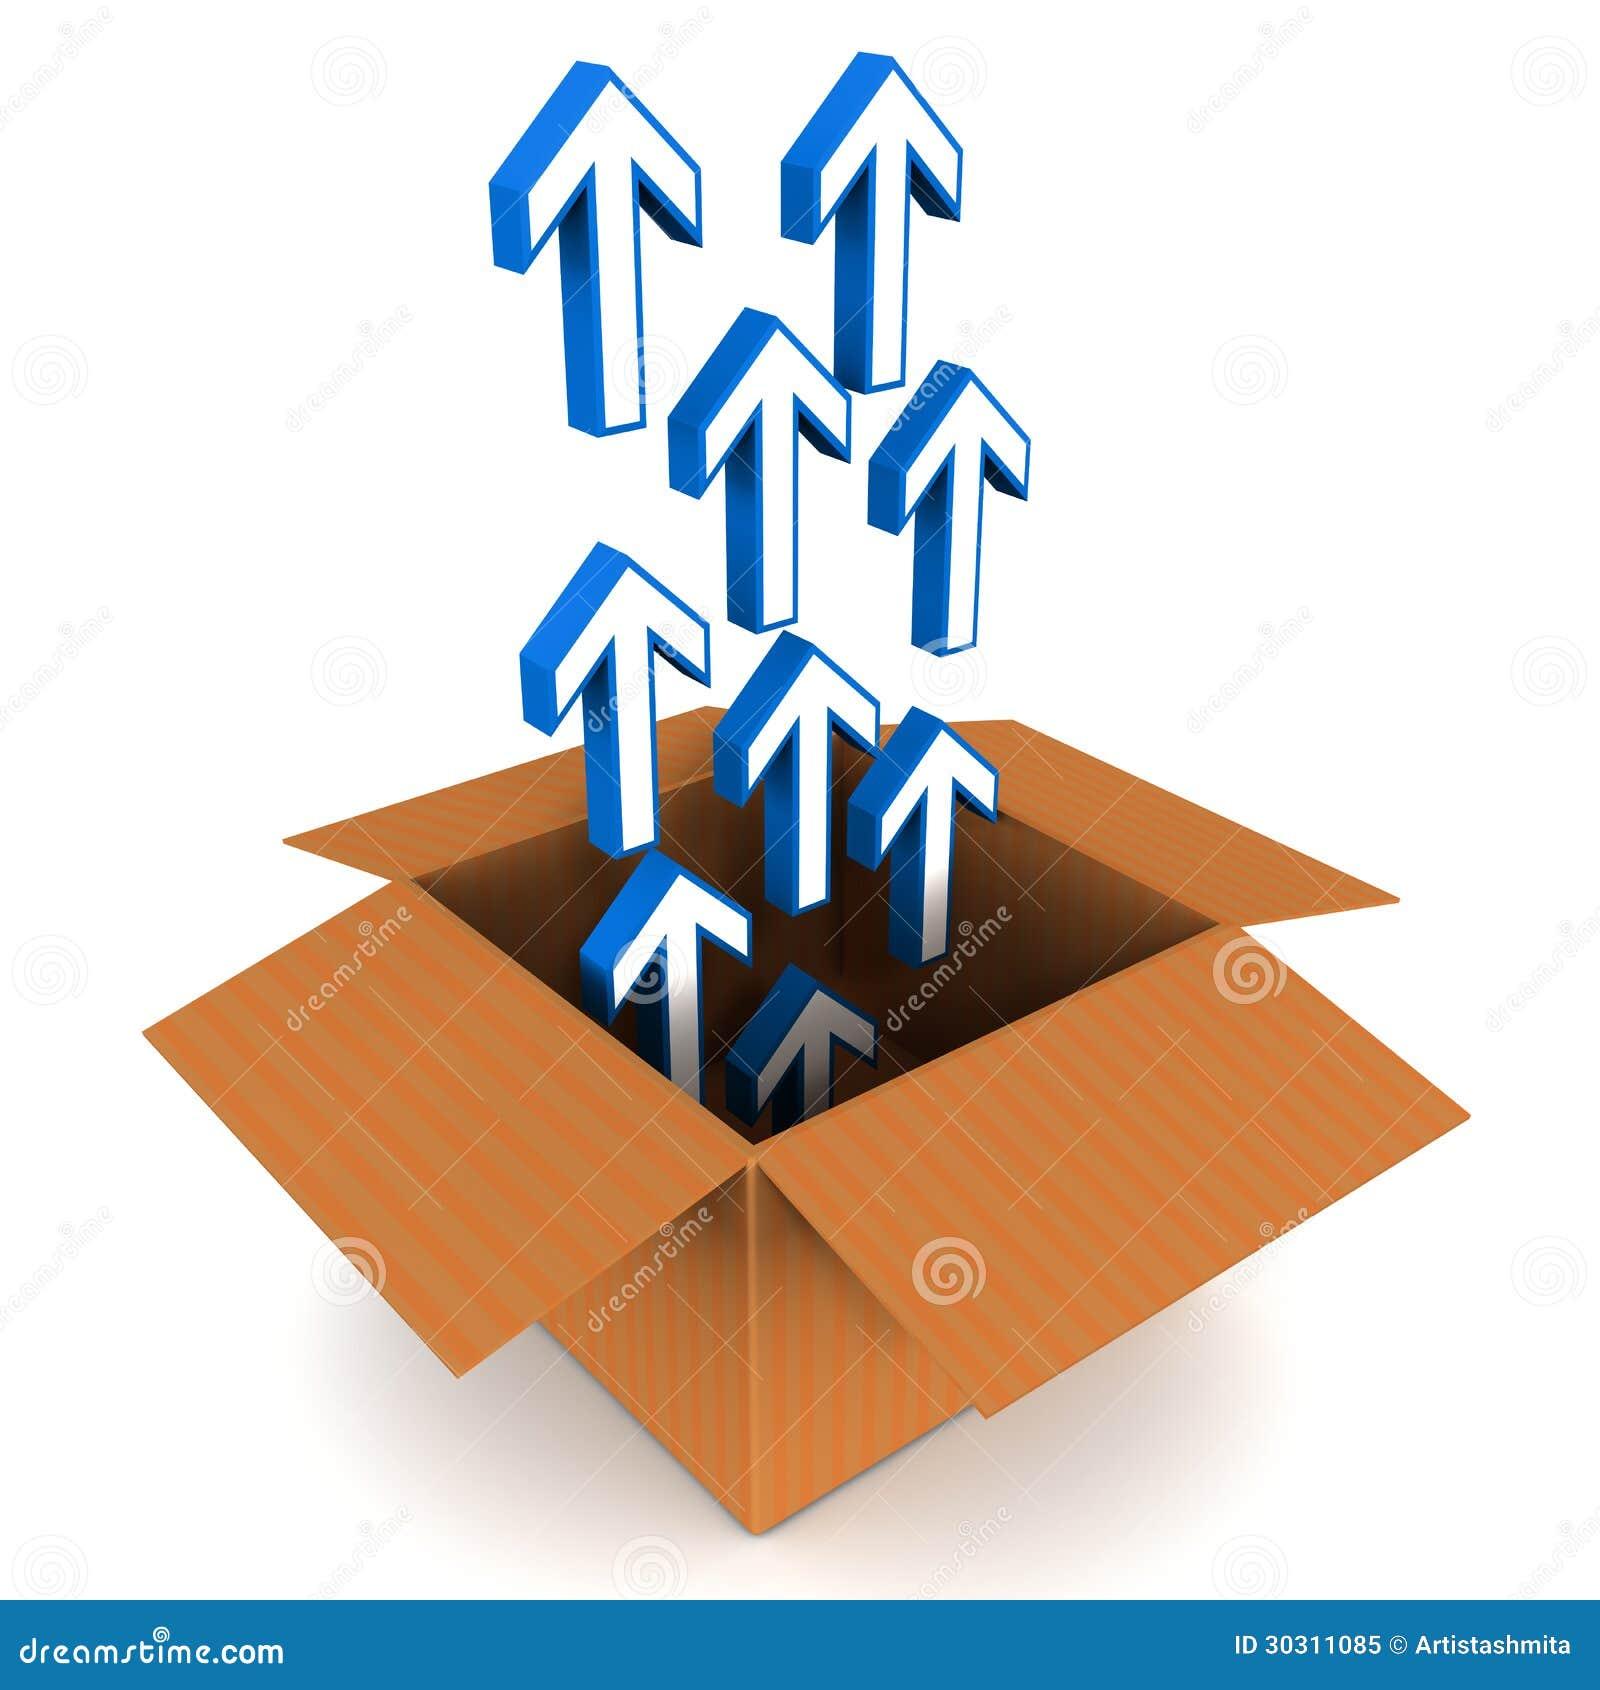 Unpack Royalty Free Stock Photo Image 30311085